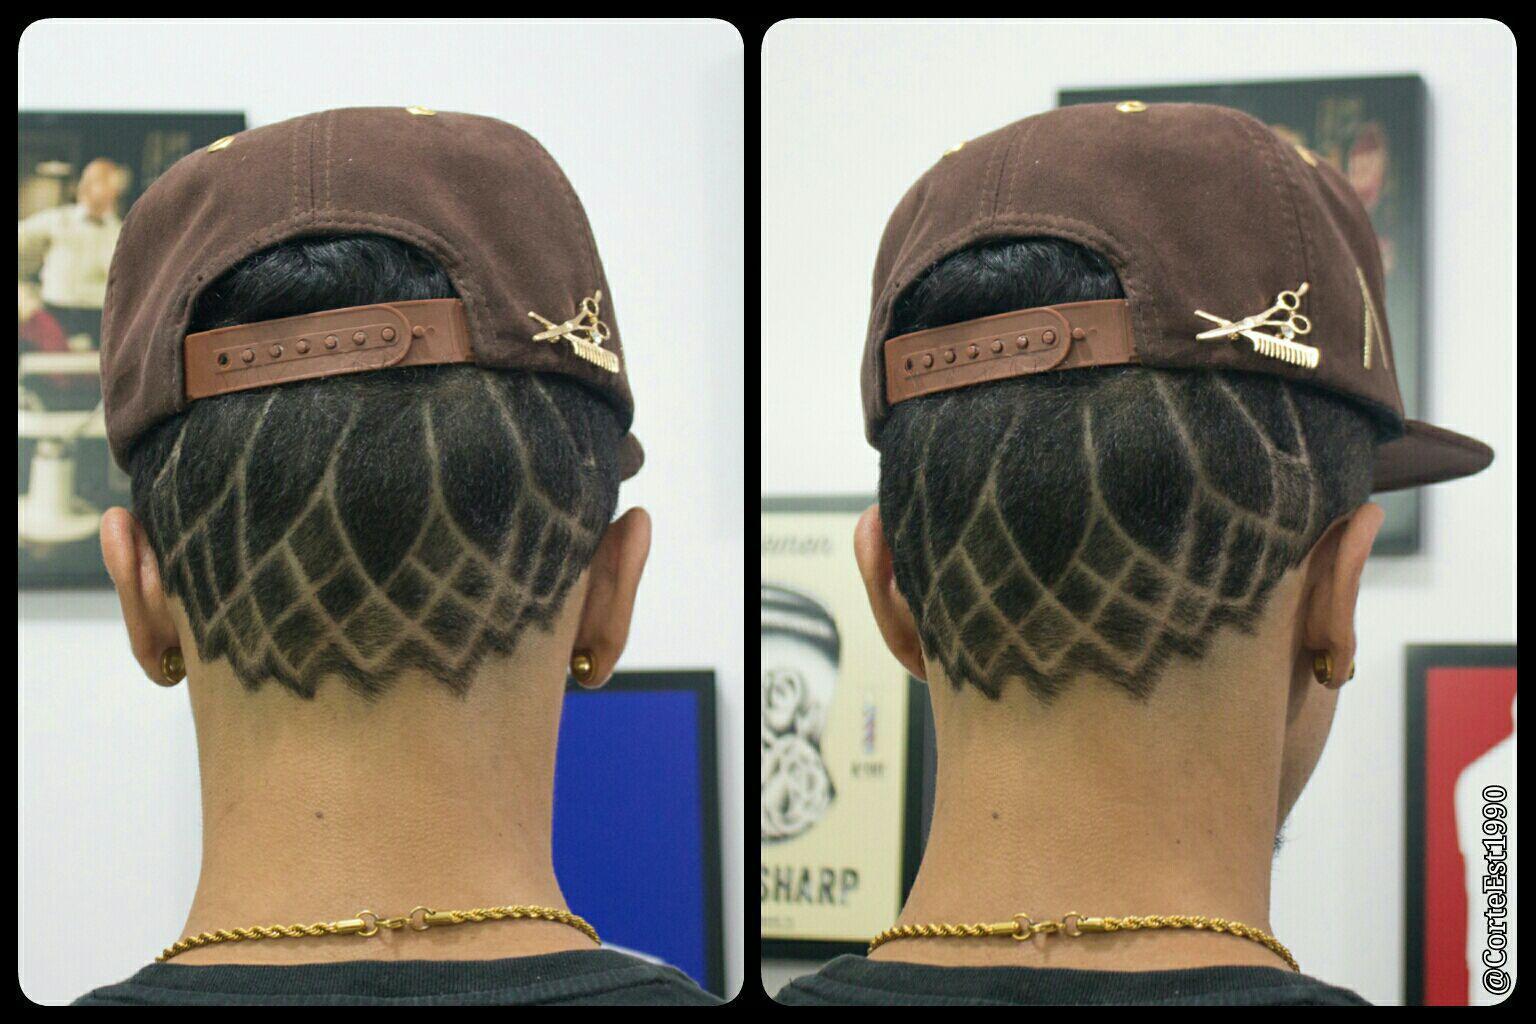 CORTE EST. 1990 ✂ 💈   Corte com graduação nas laterais e risco personalizado, mandala...Venha Conferir!!!  #corte #corteest1990 #vemprocorte #barbearia #quitauna #osasco #sp  Rua Luís Henrique de Oliveira, 81 Quitaúna . Osasco - SP  Tel.983358687 cabelo barbeiro(a) cabeleireiro(a)